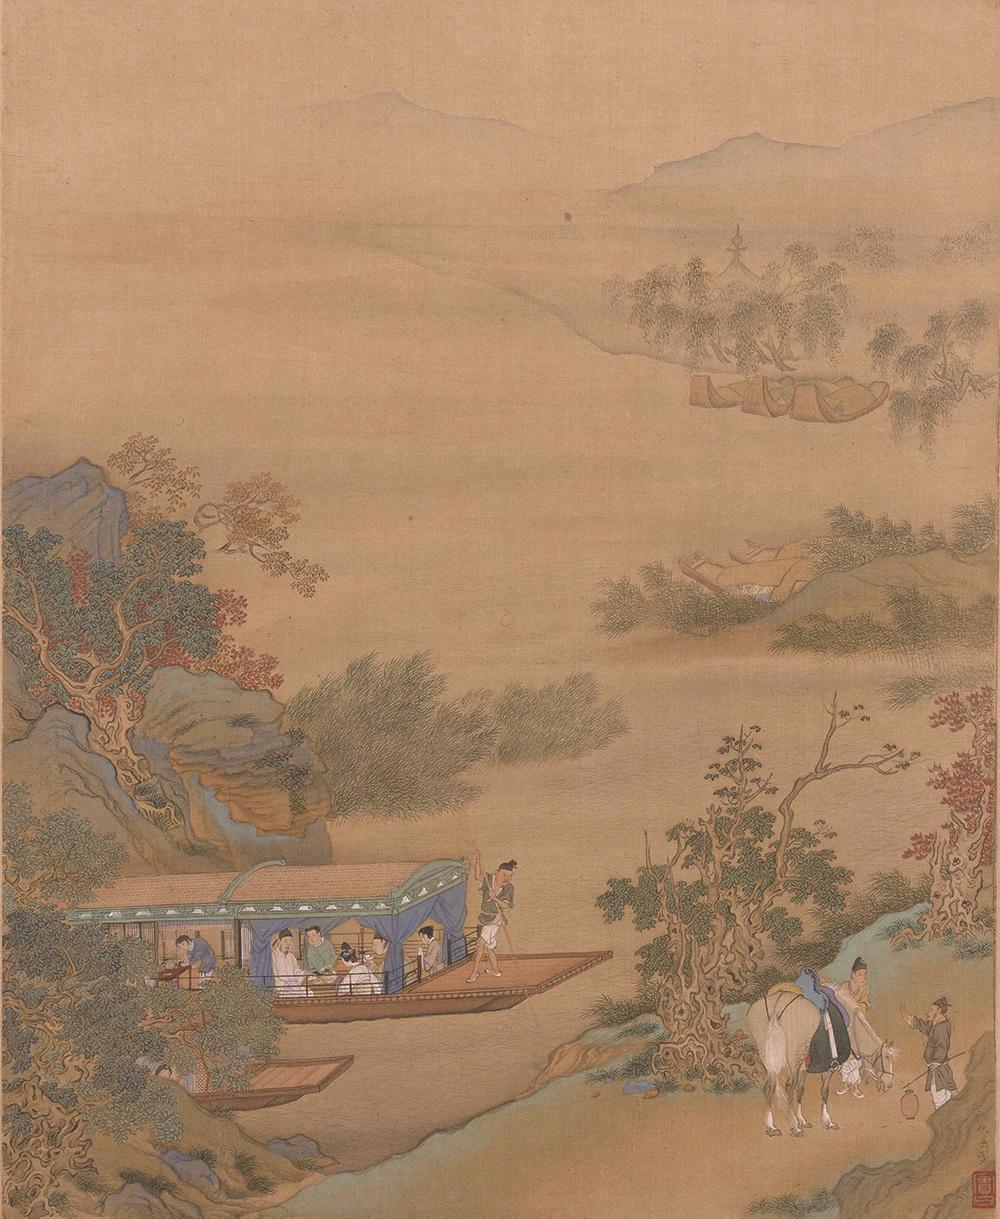 qiu-ying_song-of-pipa-at-xunyang